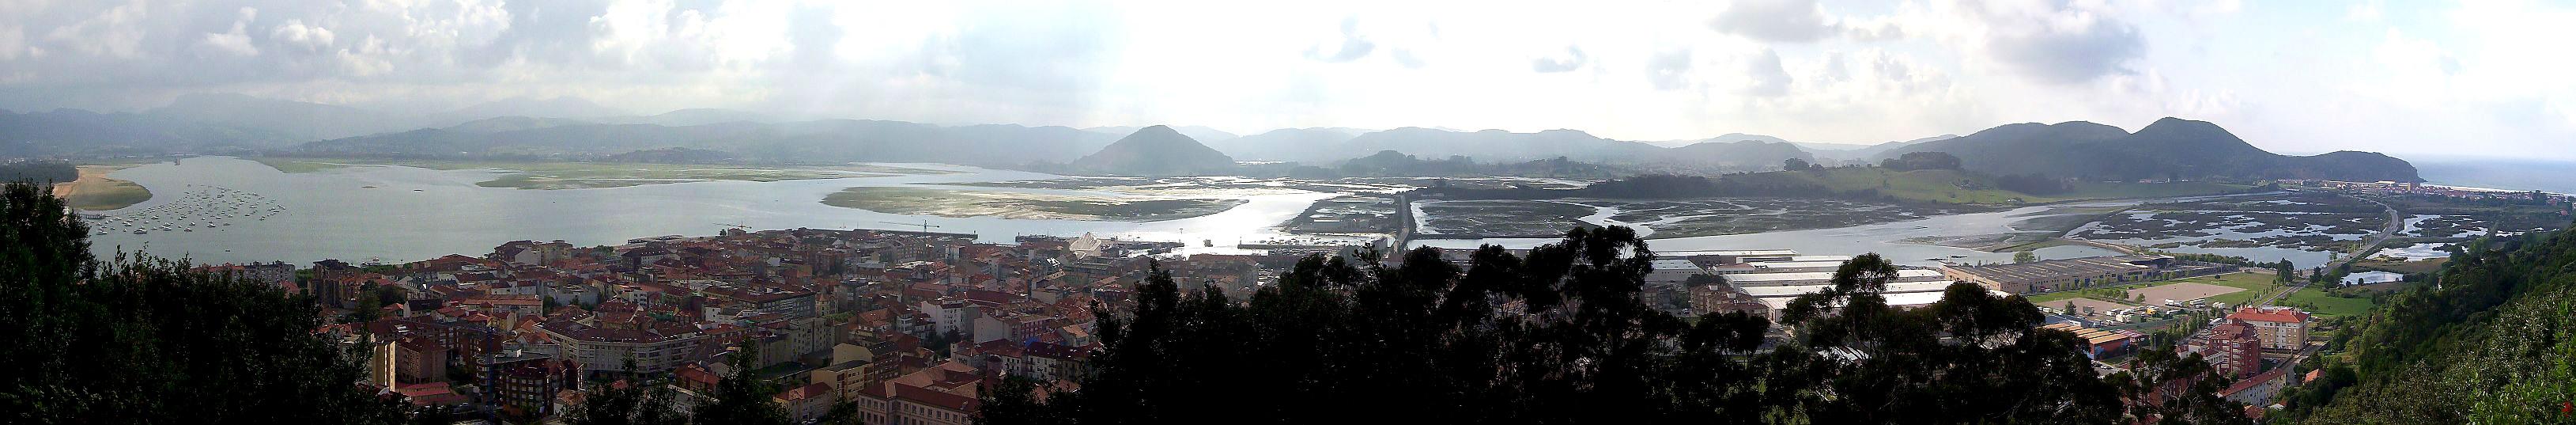 Marismas de Santona y Noja en Cantabria